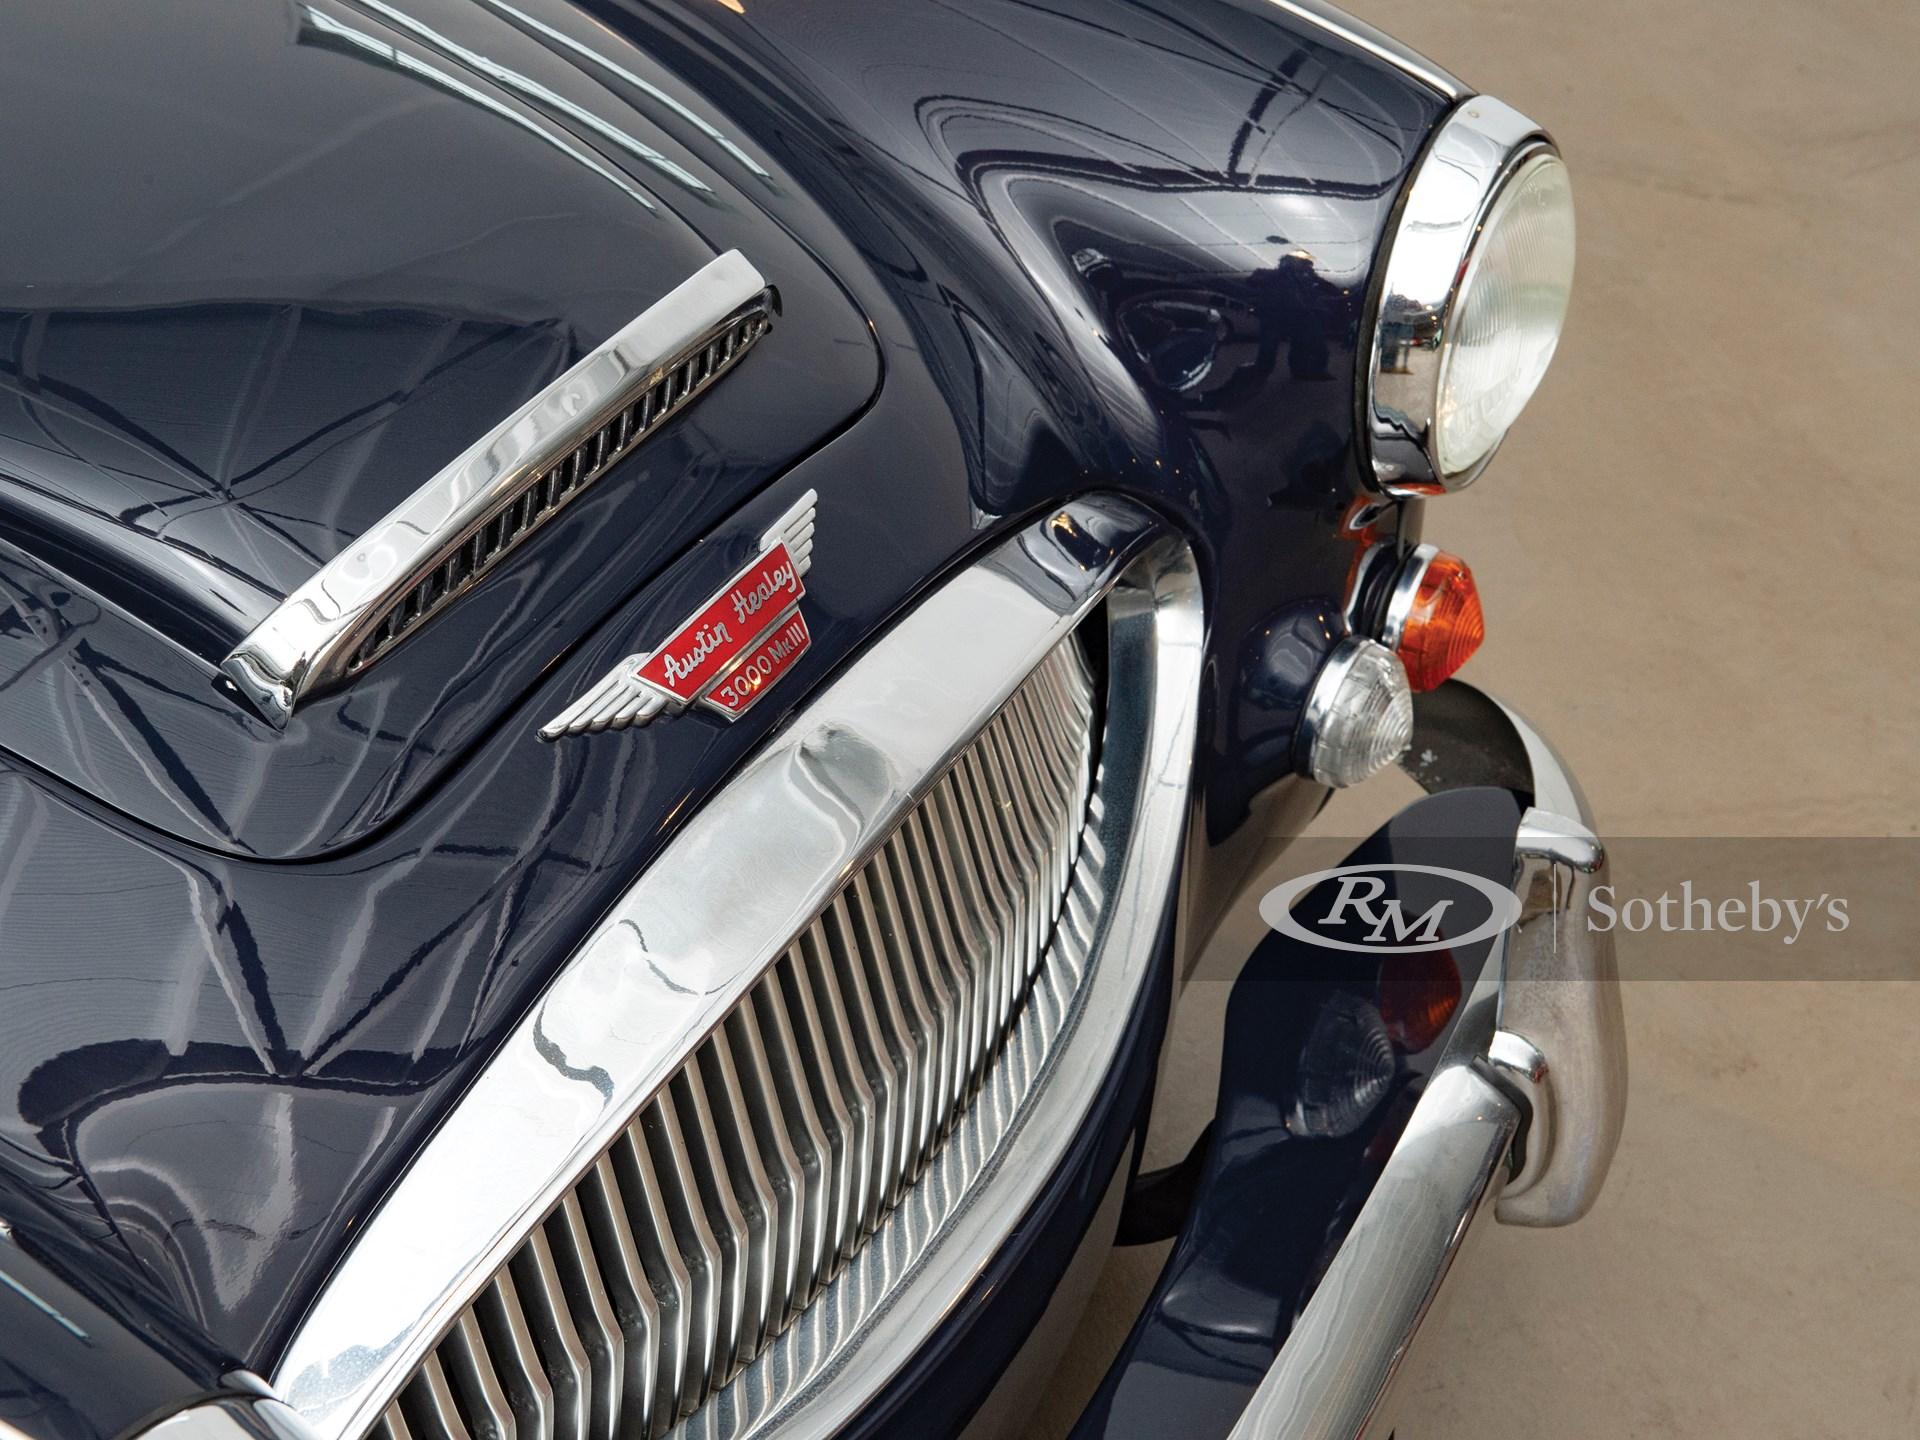 1965 Austin-Healey 3000 Mk III BJ8  -